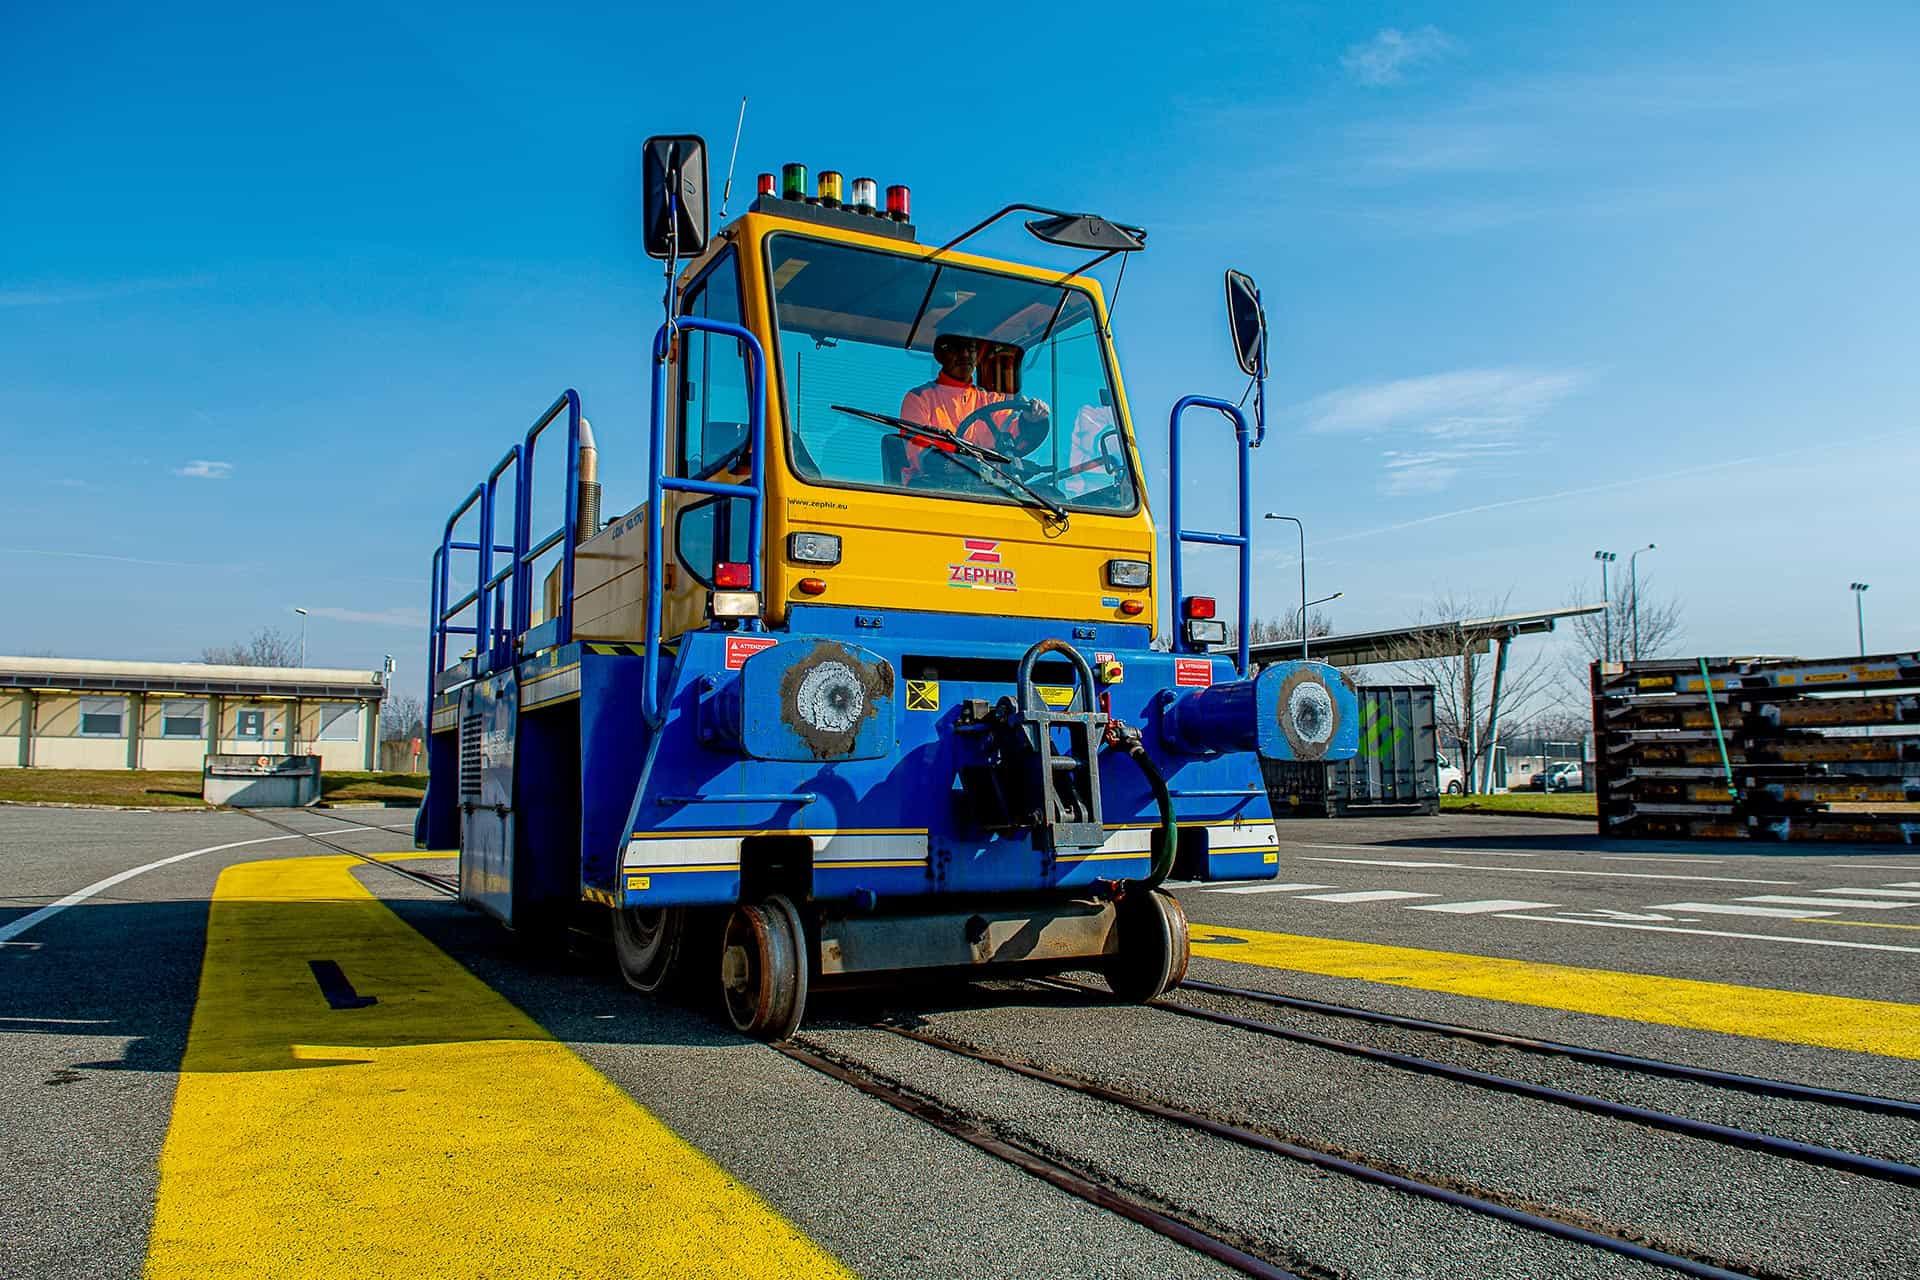 Servizio di terminalizzazione con locotrattore zephir presso Malpensa Intermodale